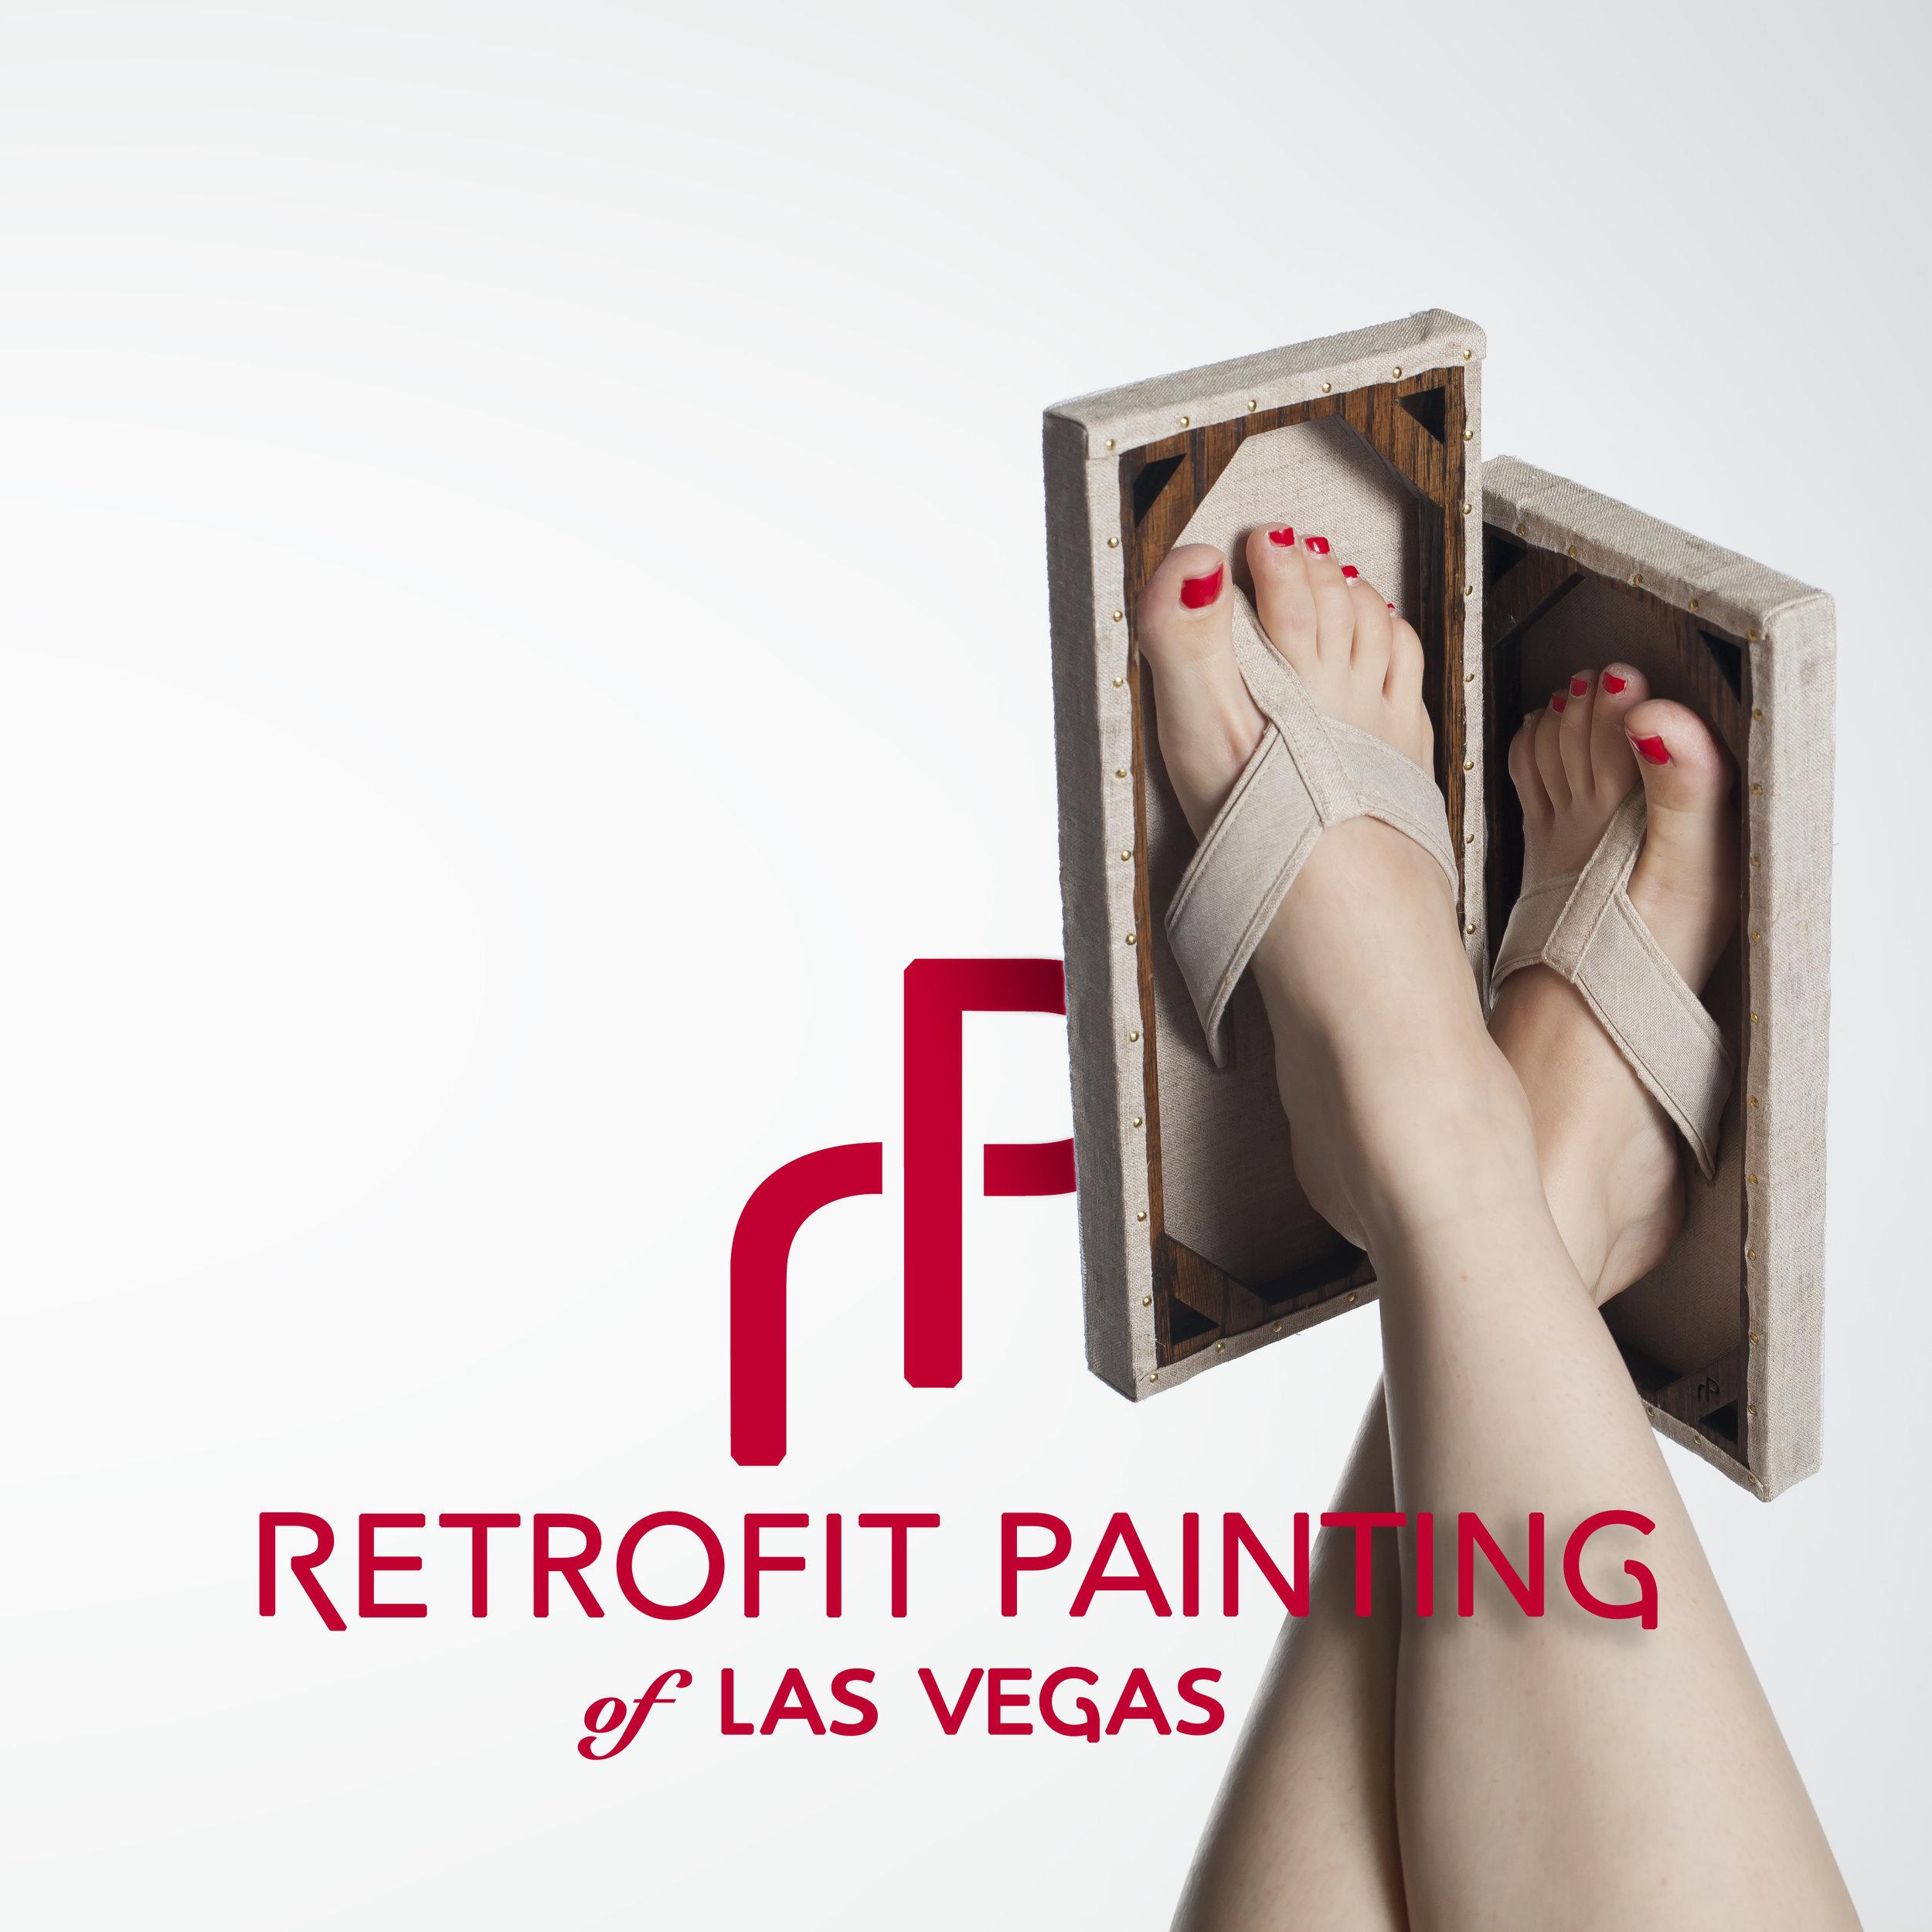 Thomas_Willis_Retrofit_Painting_17.jpg